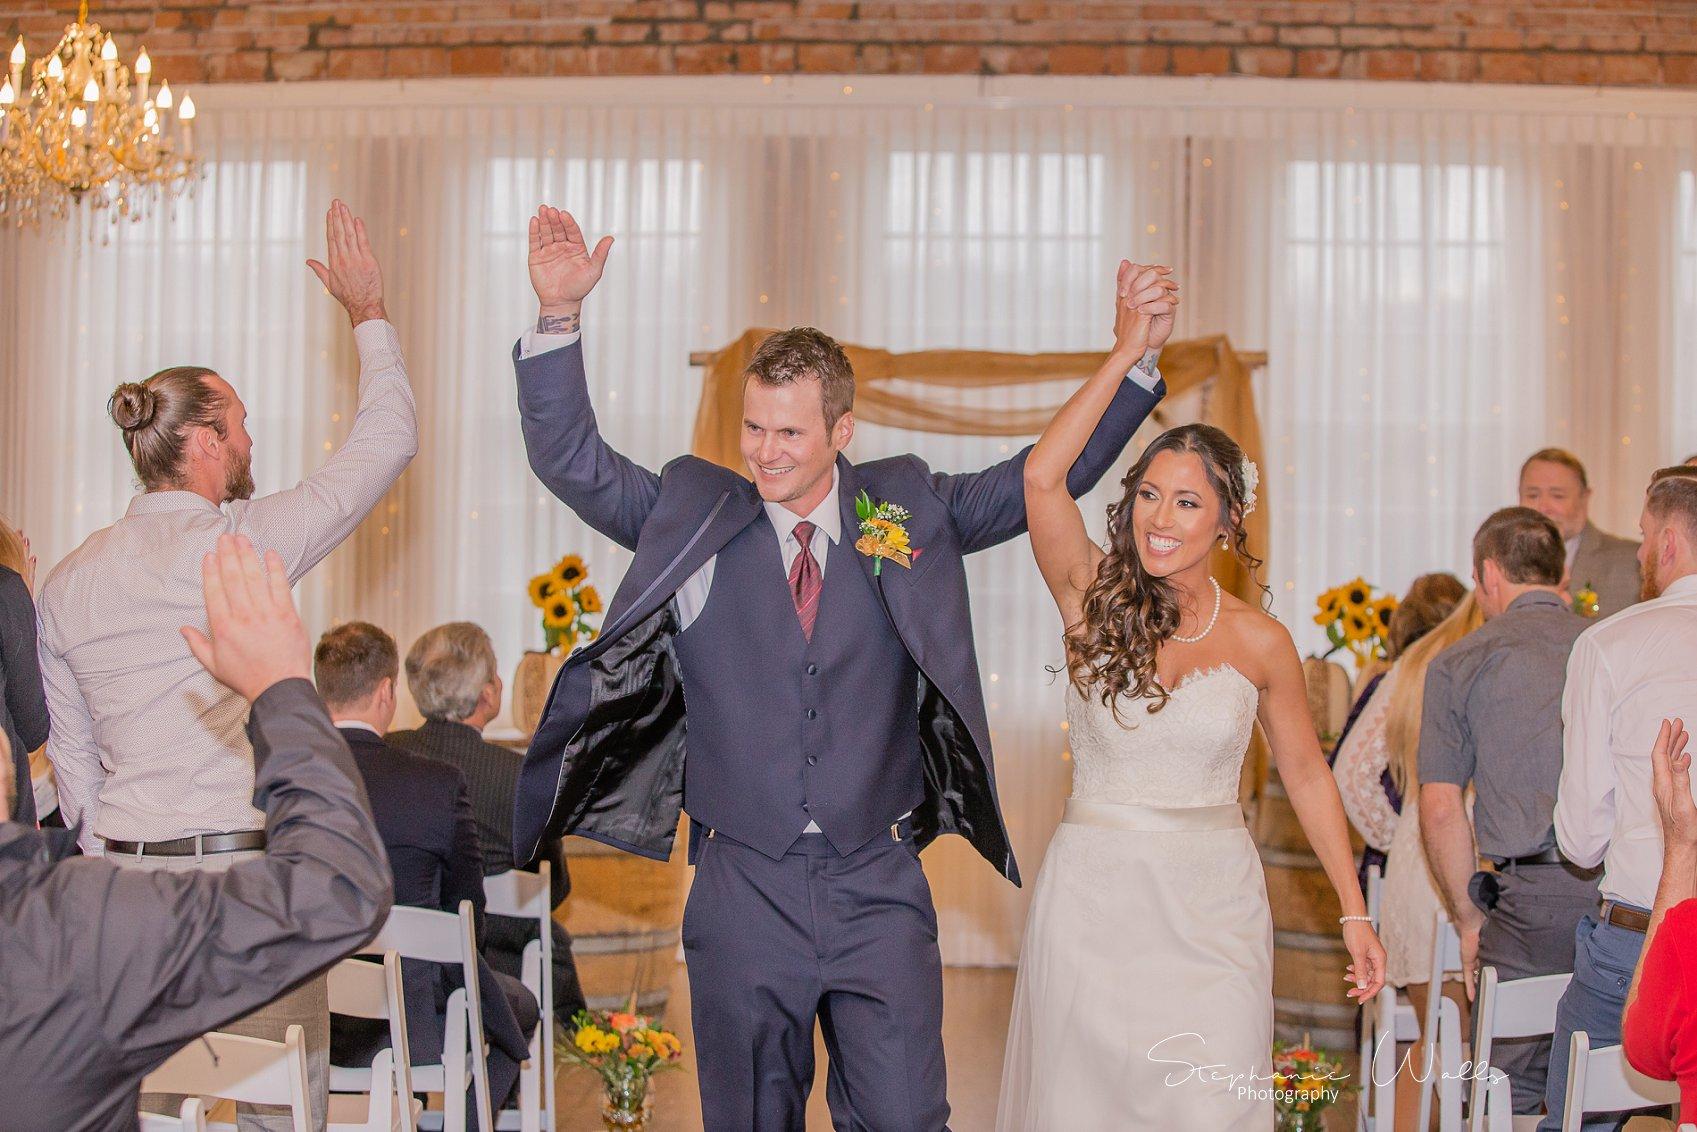 Ceremony 123 KK & Zack   Hollywood Schoolhouse Wedding   Woodinville, Wa Wedding Photographer